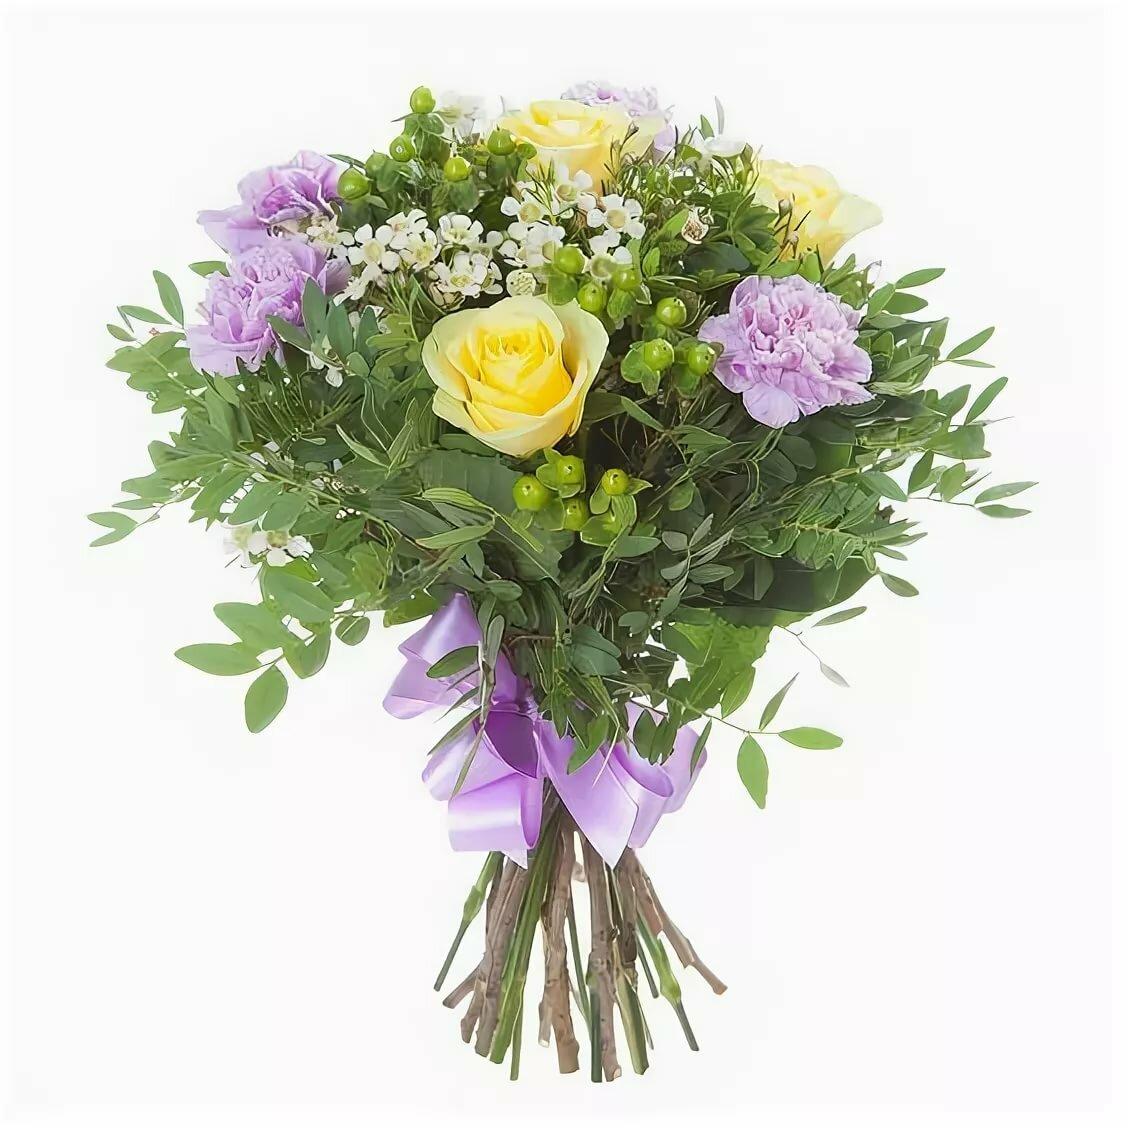 Заказ цветов в г прокопьевске